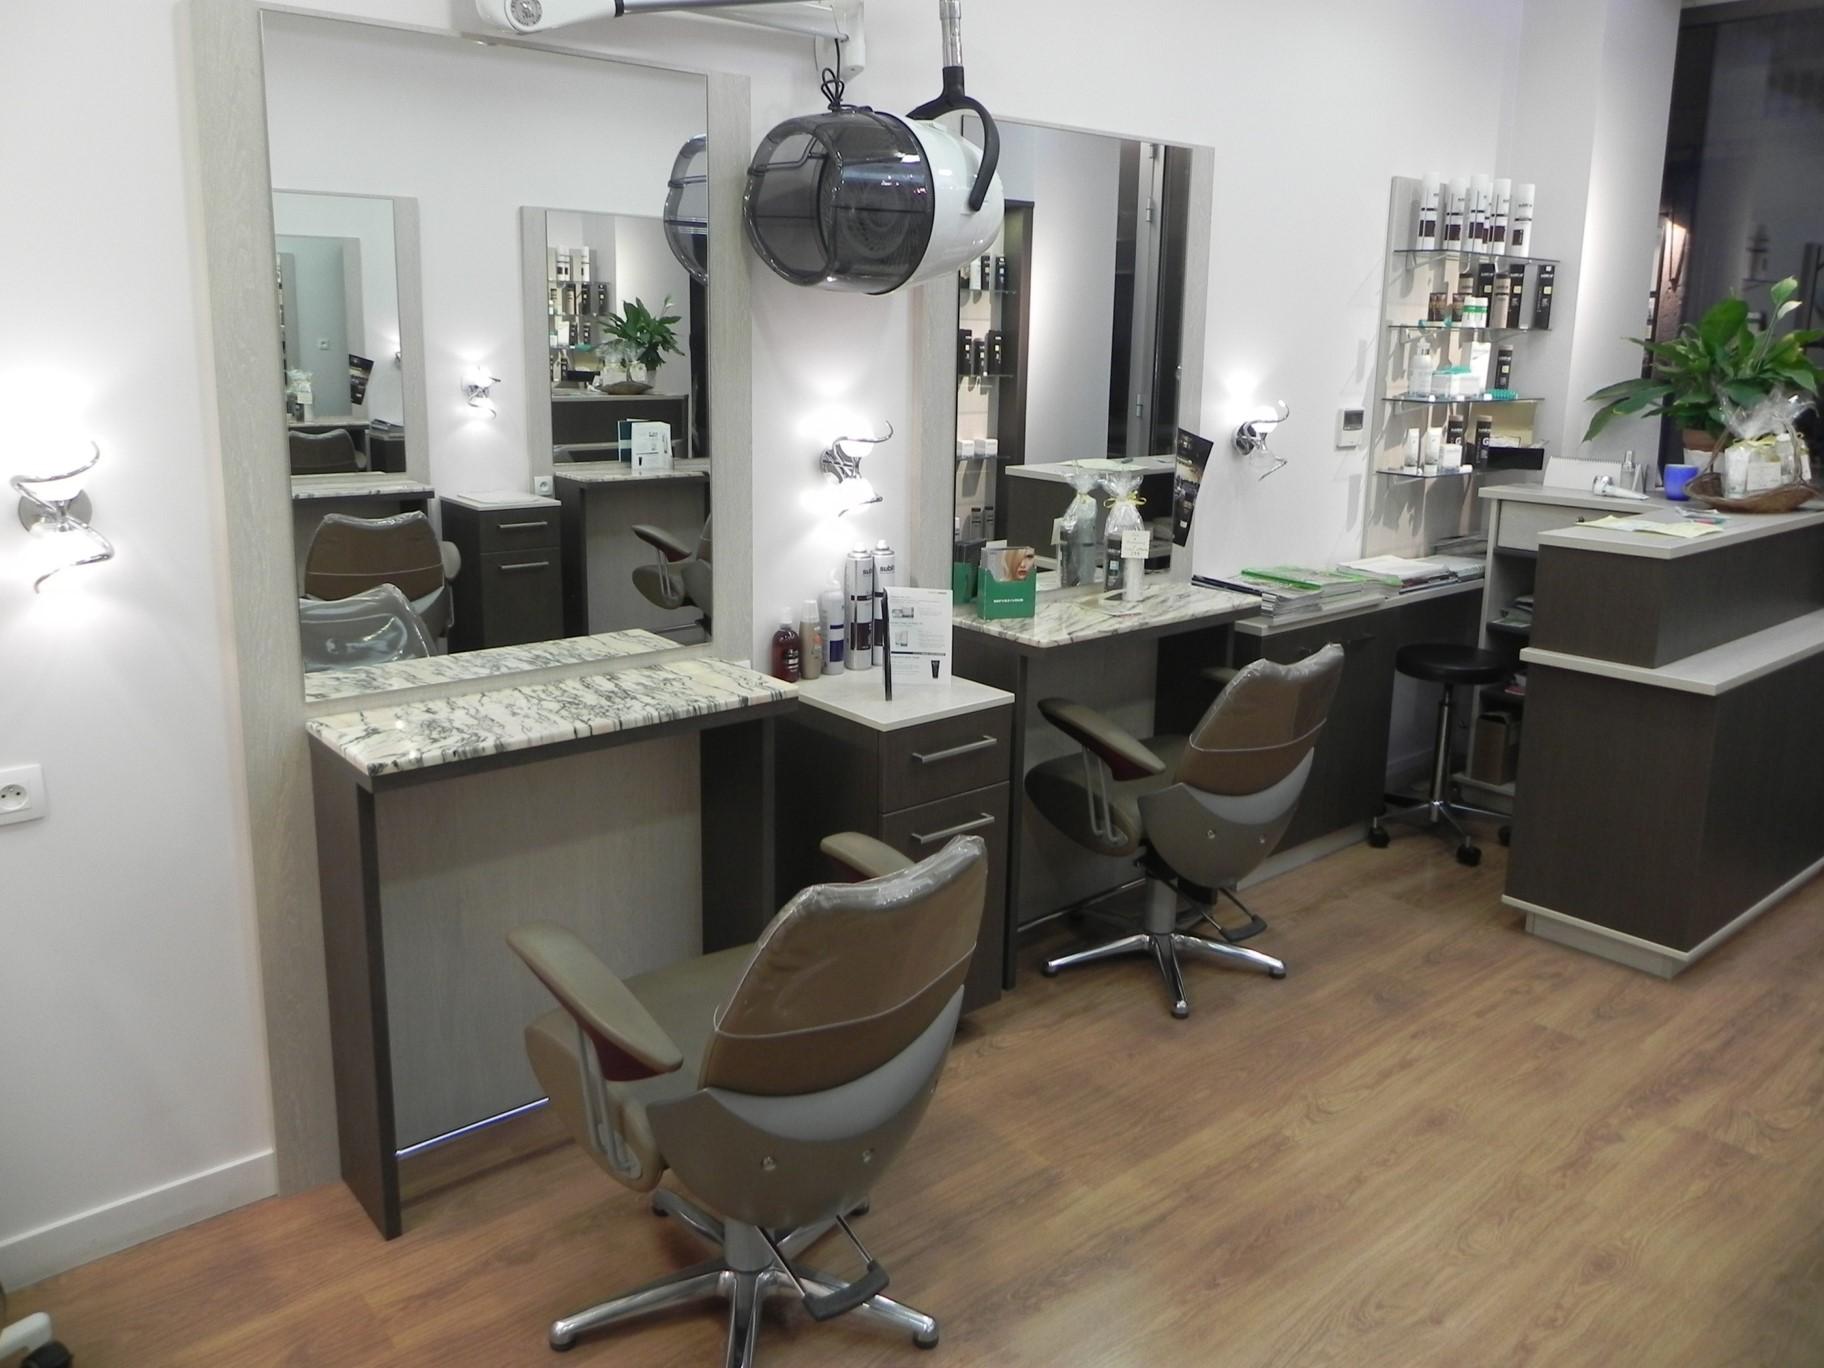 Salon de coiffeur lyon 8 lesthair haiborist coiffure coloration coupe de cheveux